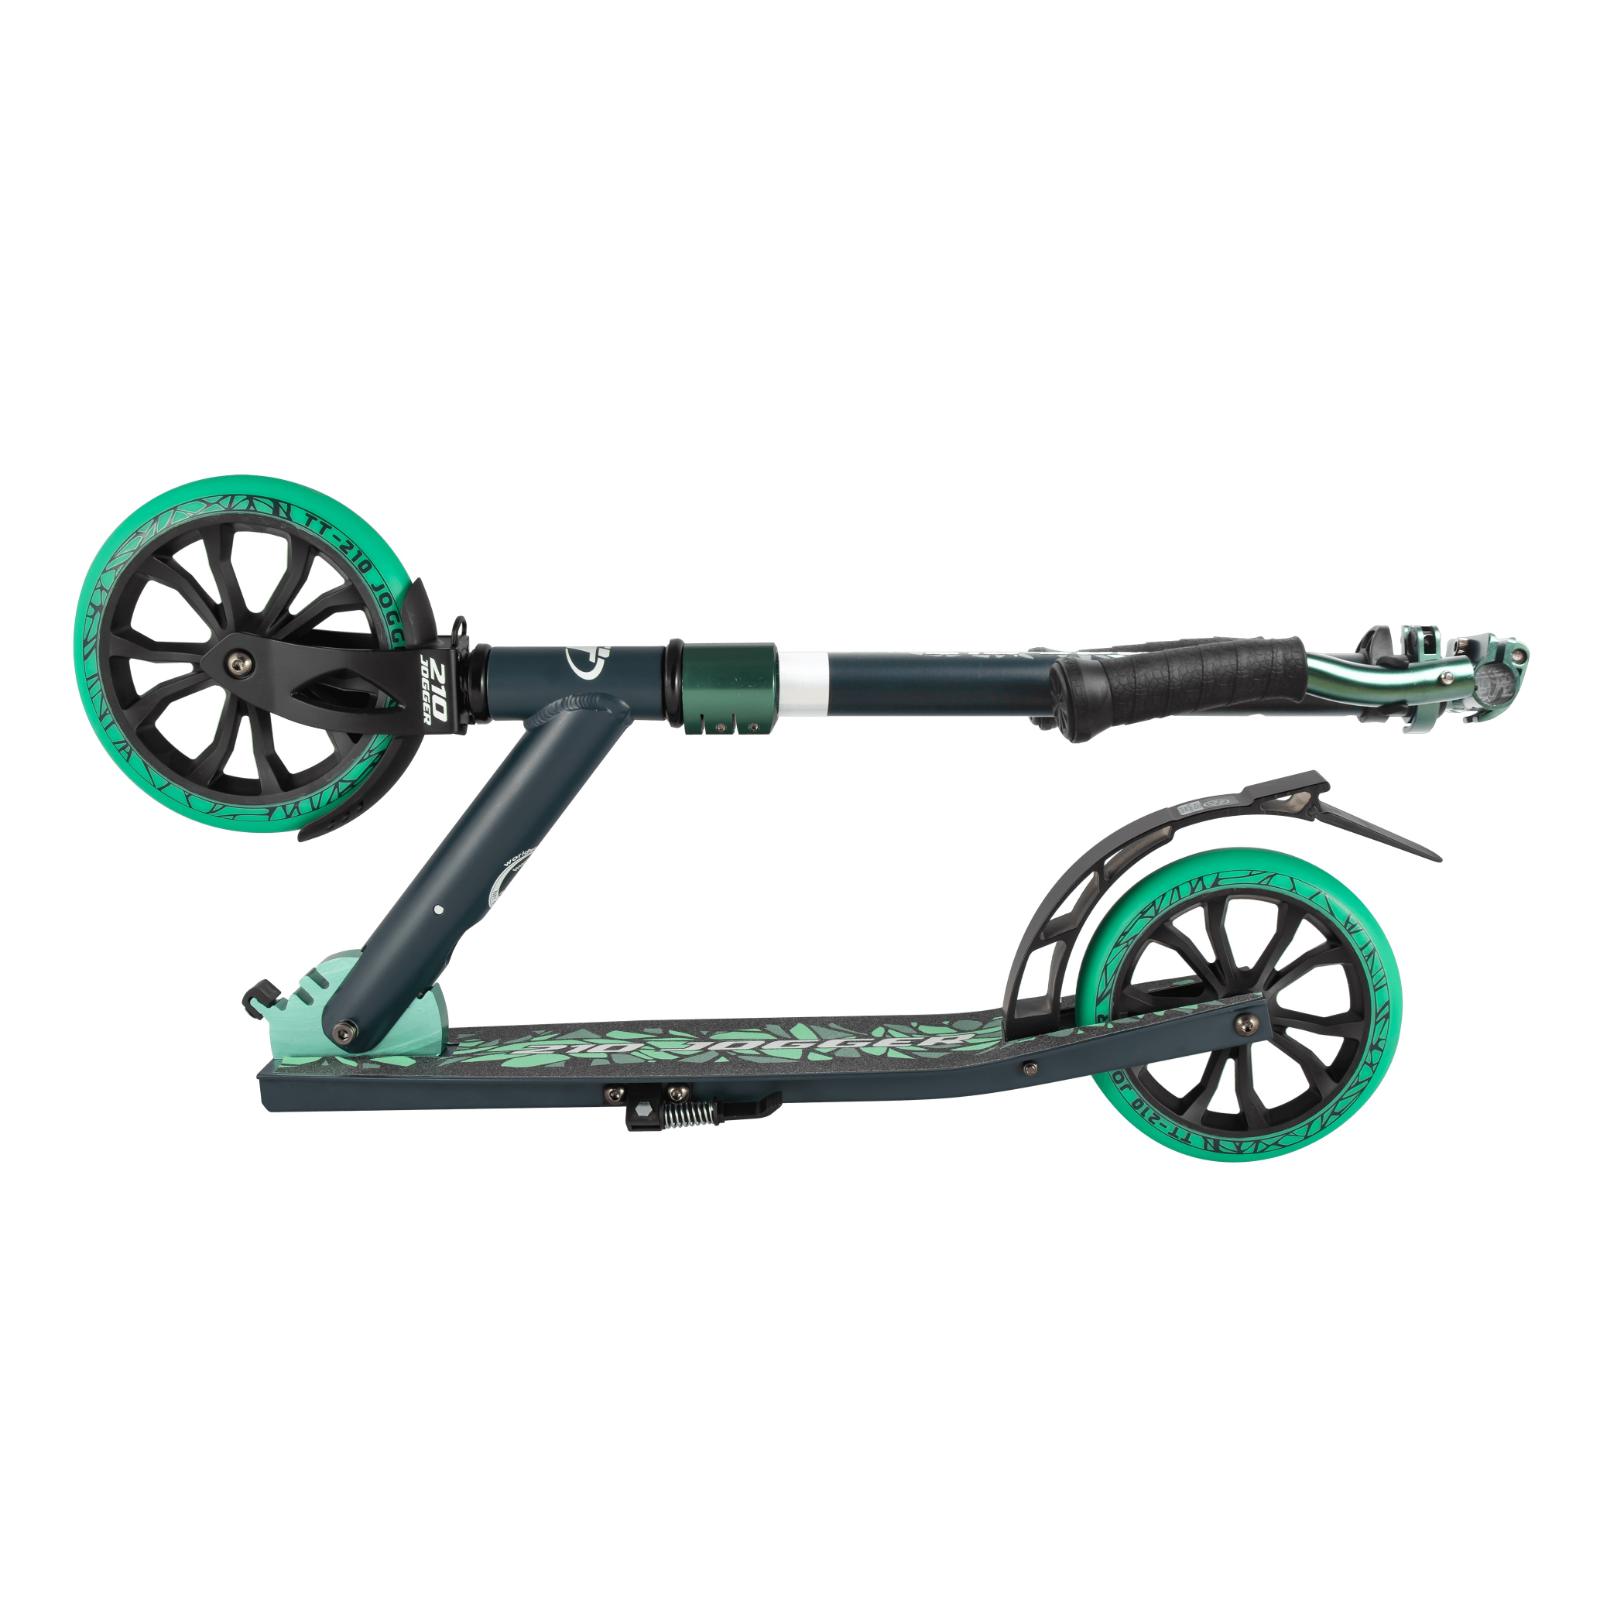 Детский складной самокат TechTeam Jogger 210 2020 / Зеленый